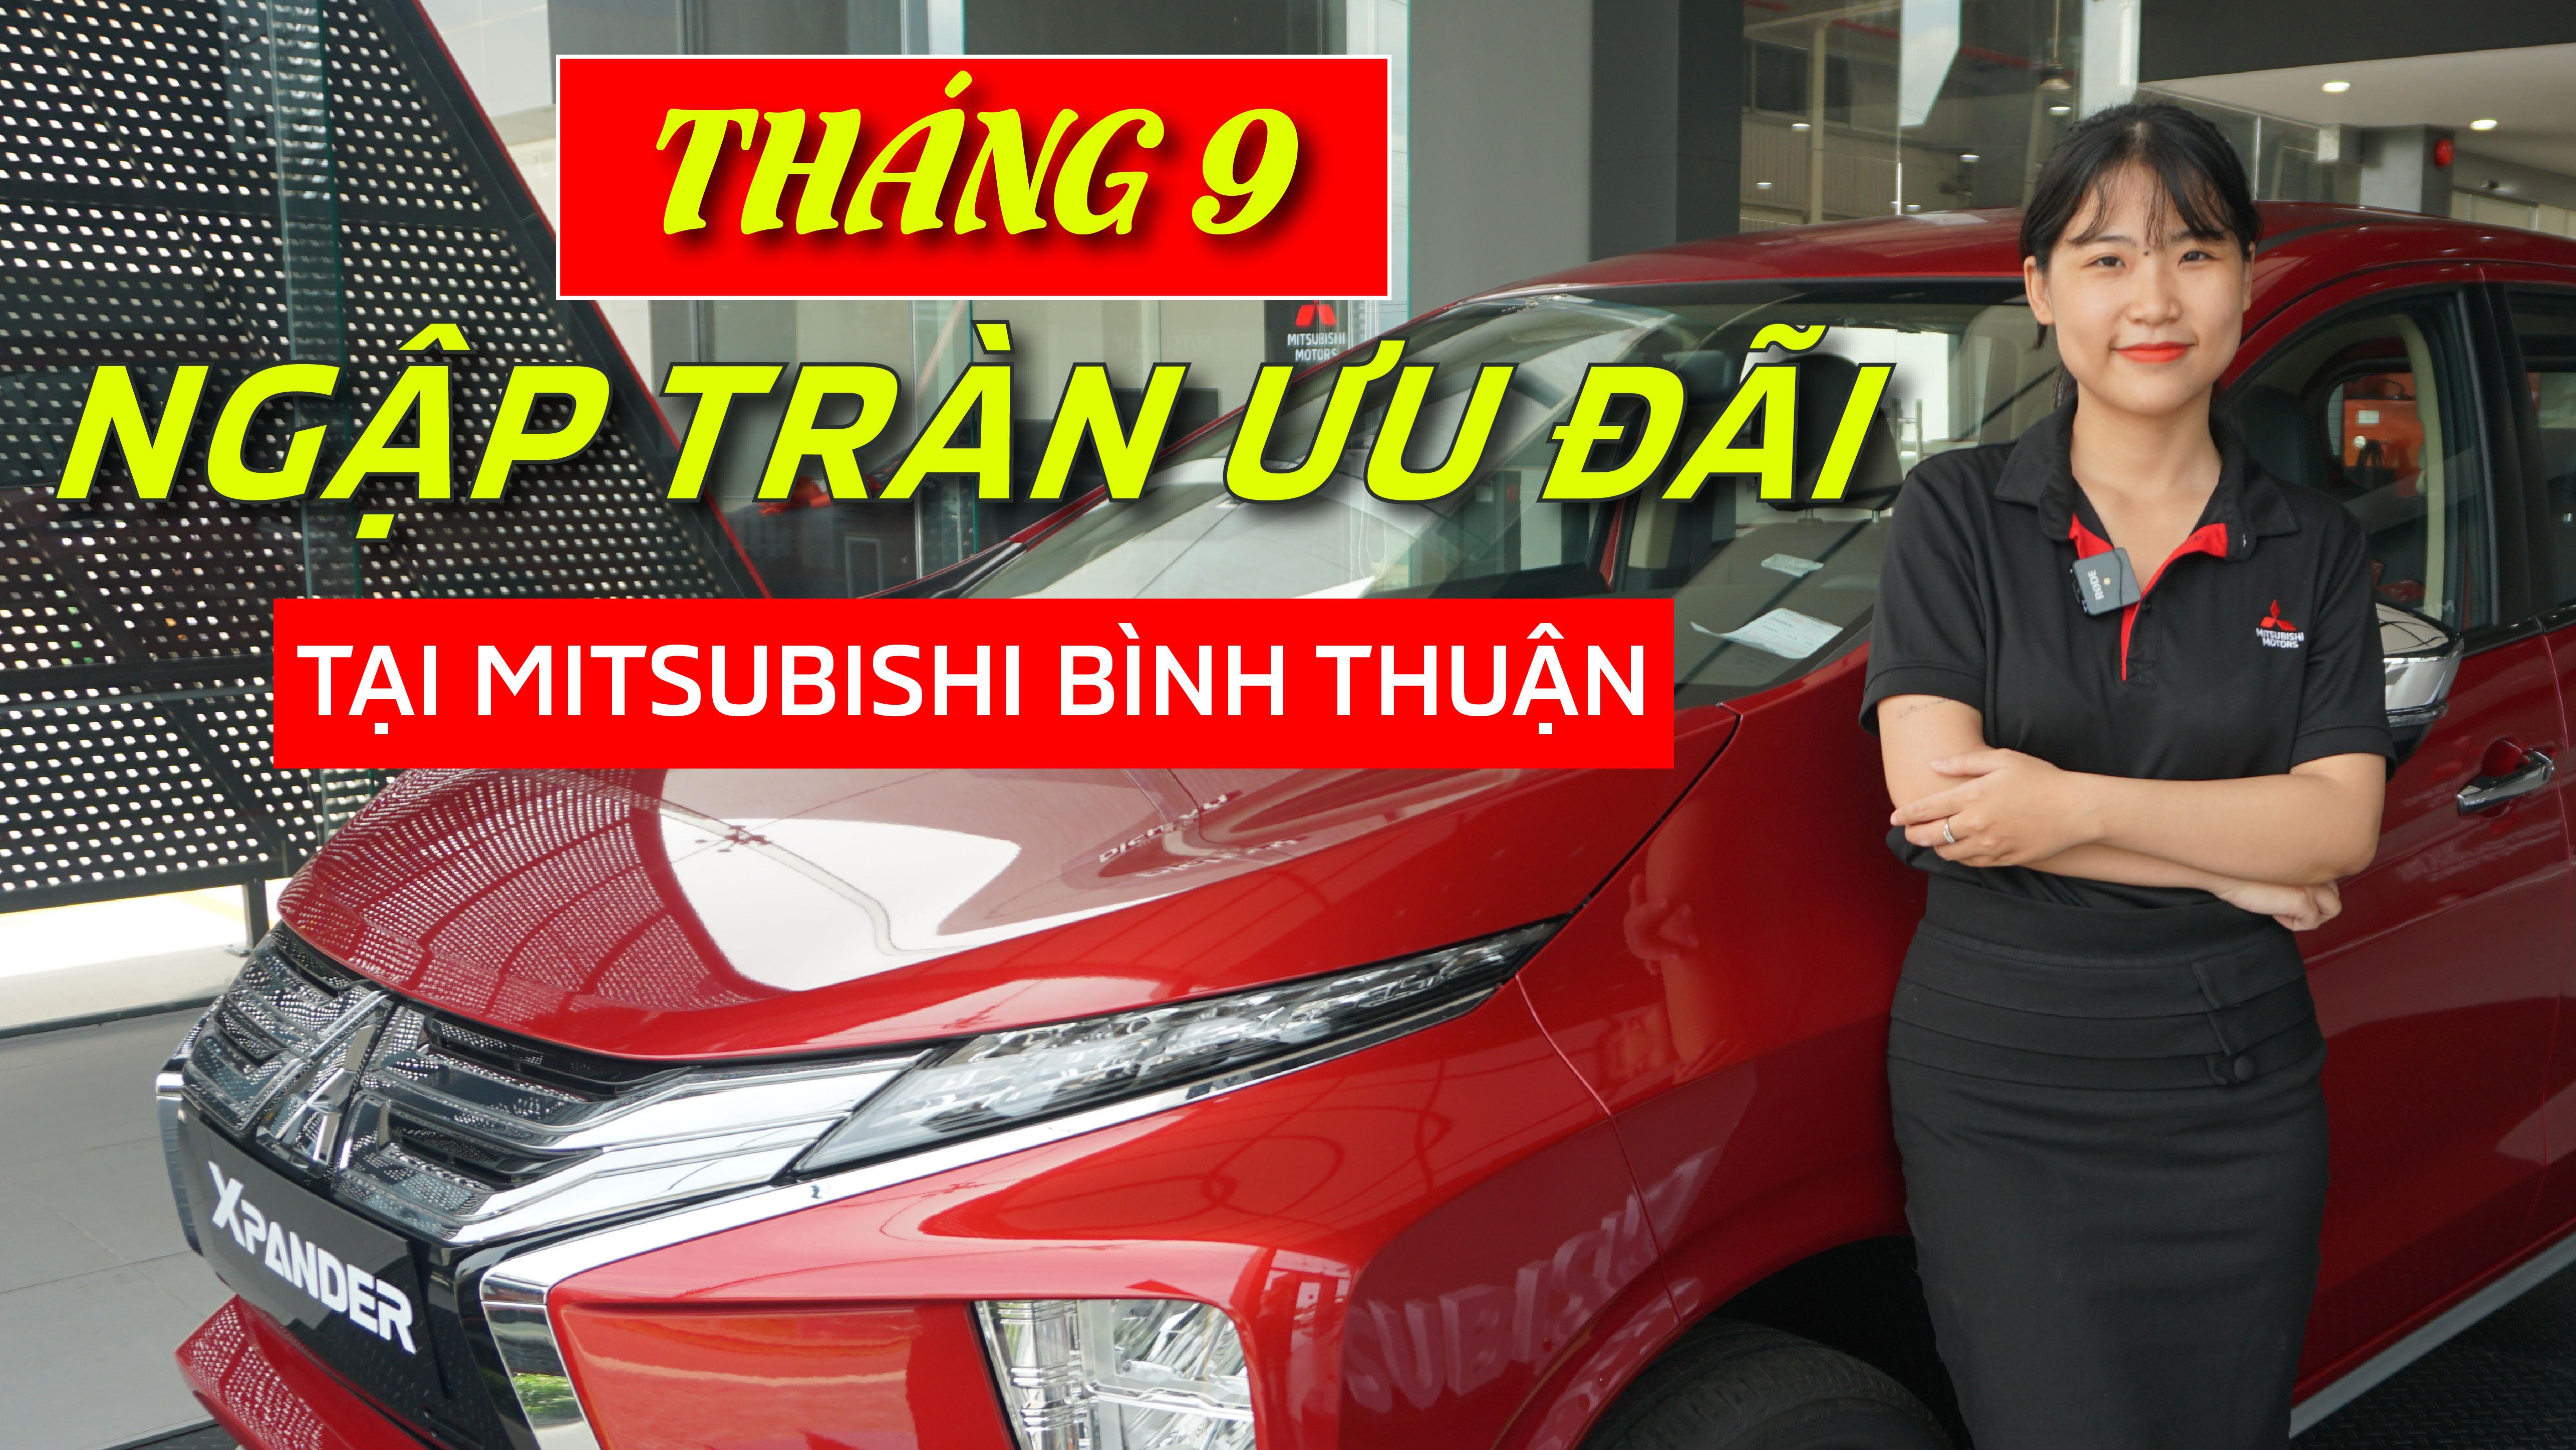 Tháng 9 Ngập Tràn Ưu Đãi Tại Mitsubishi Bình Thuận